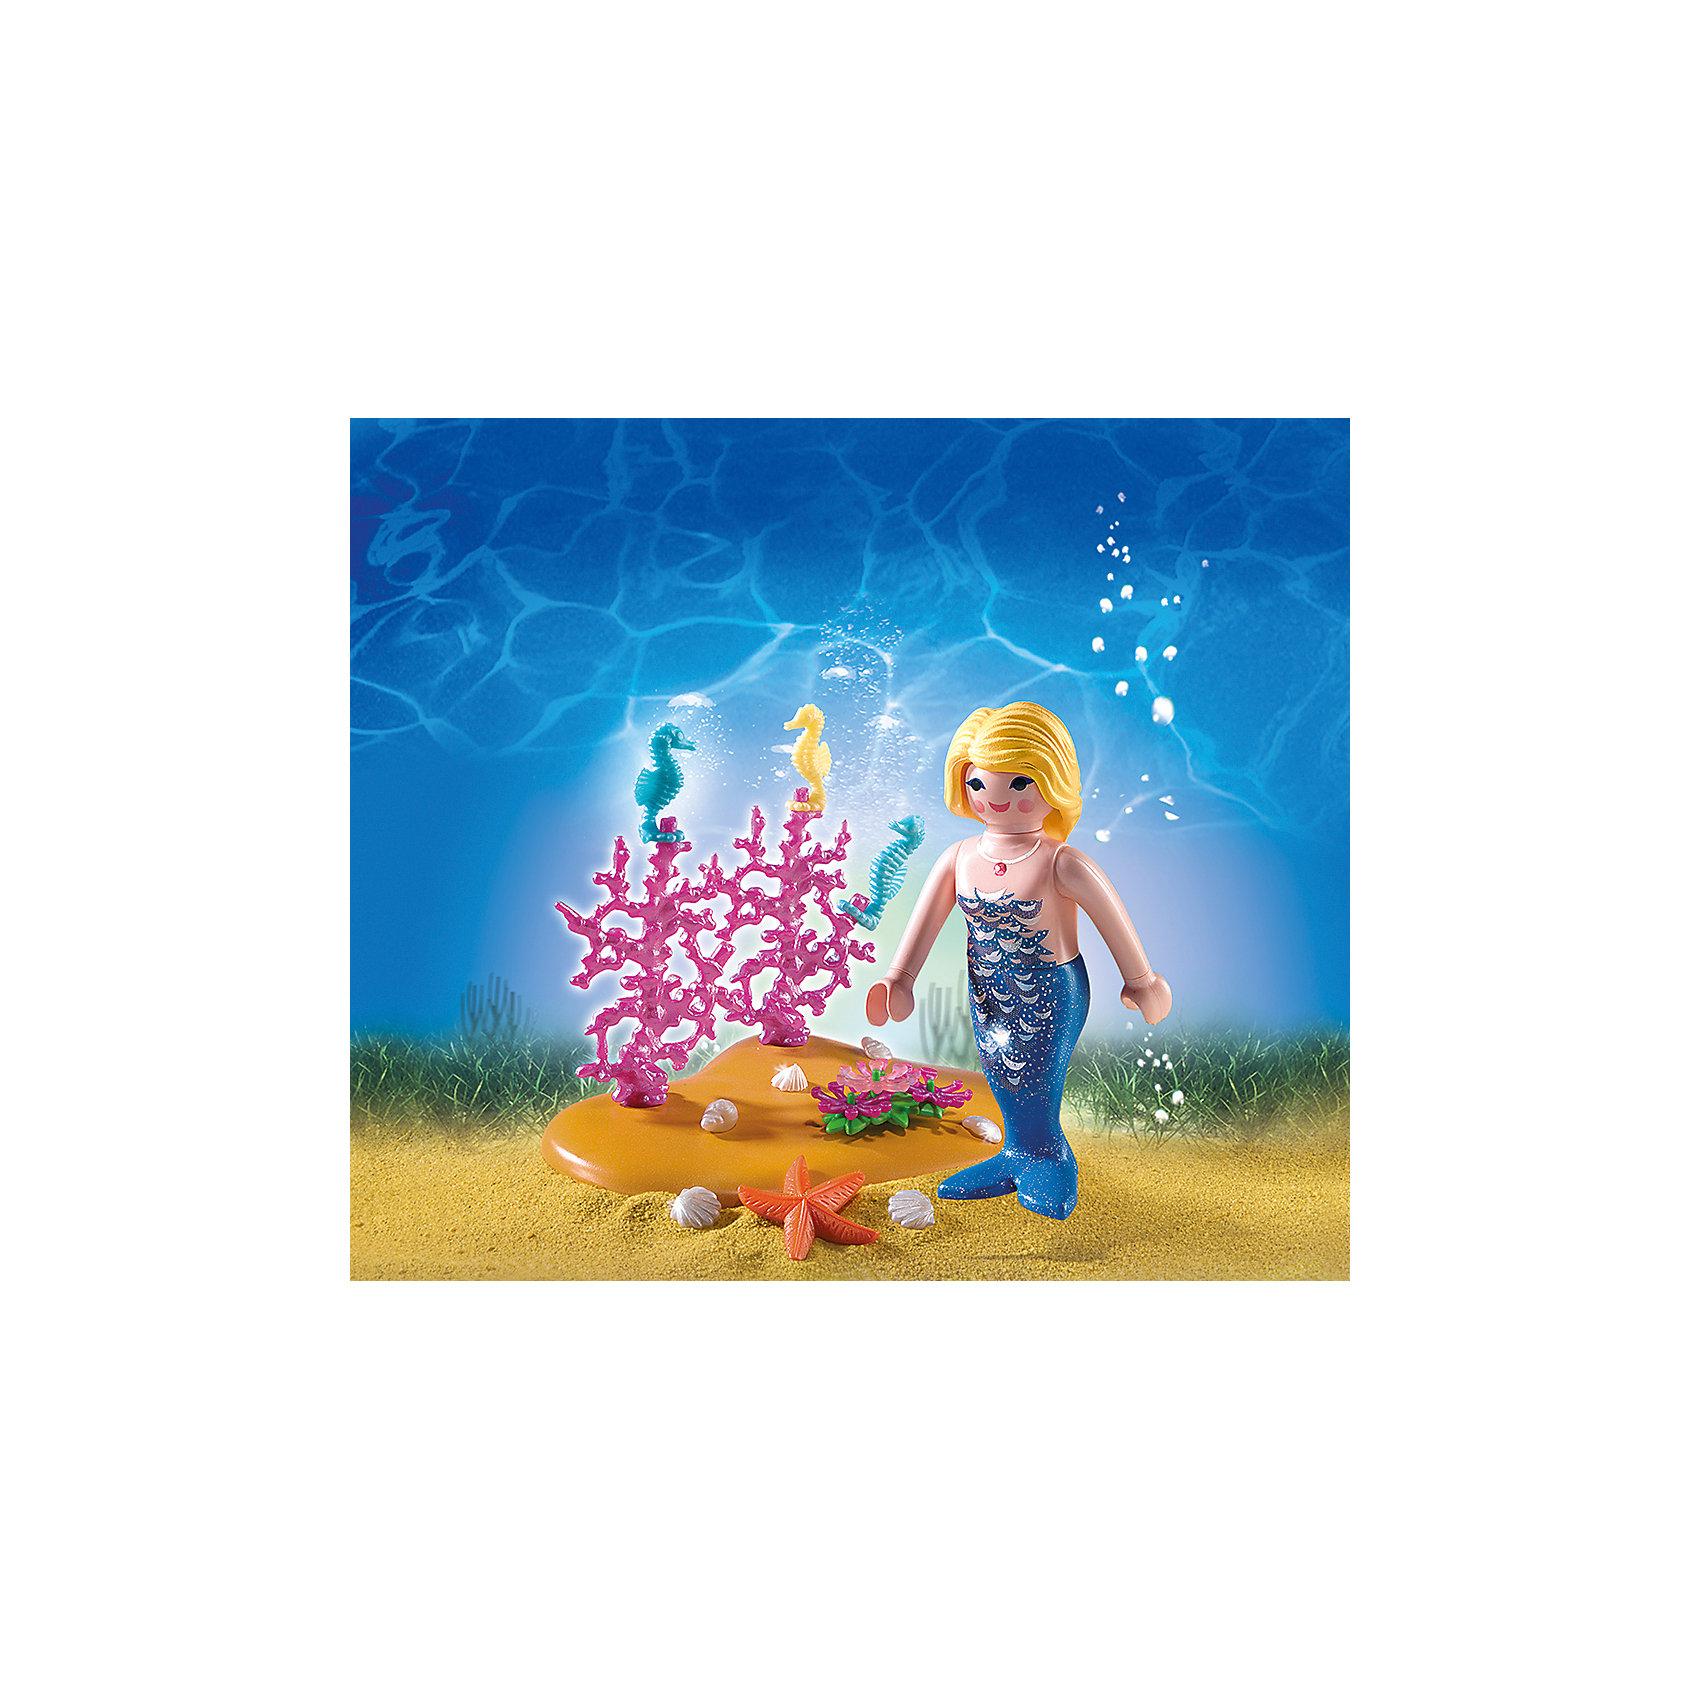 PLAYMOBIL® Яйцо: Русалочка и морские коньки, PLAYMOBIL playmobil® детская клиника рентгеновский кабинет playmobil